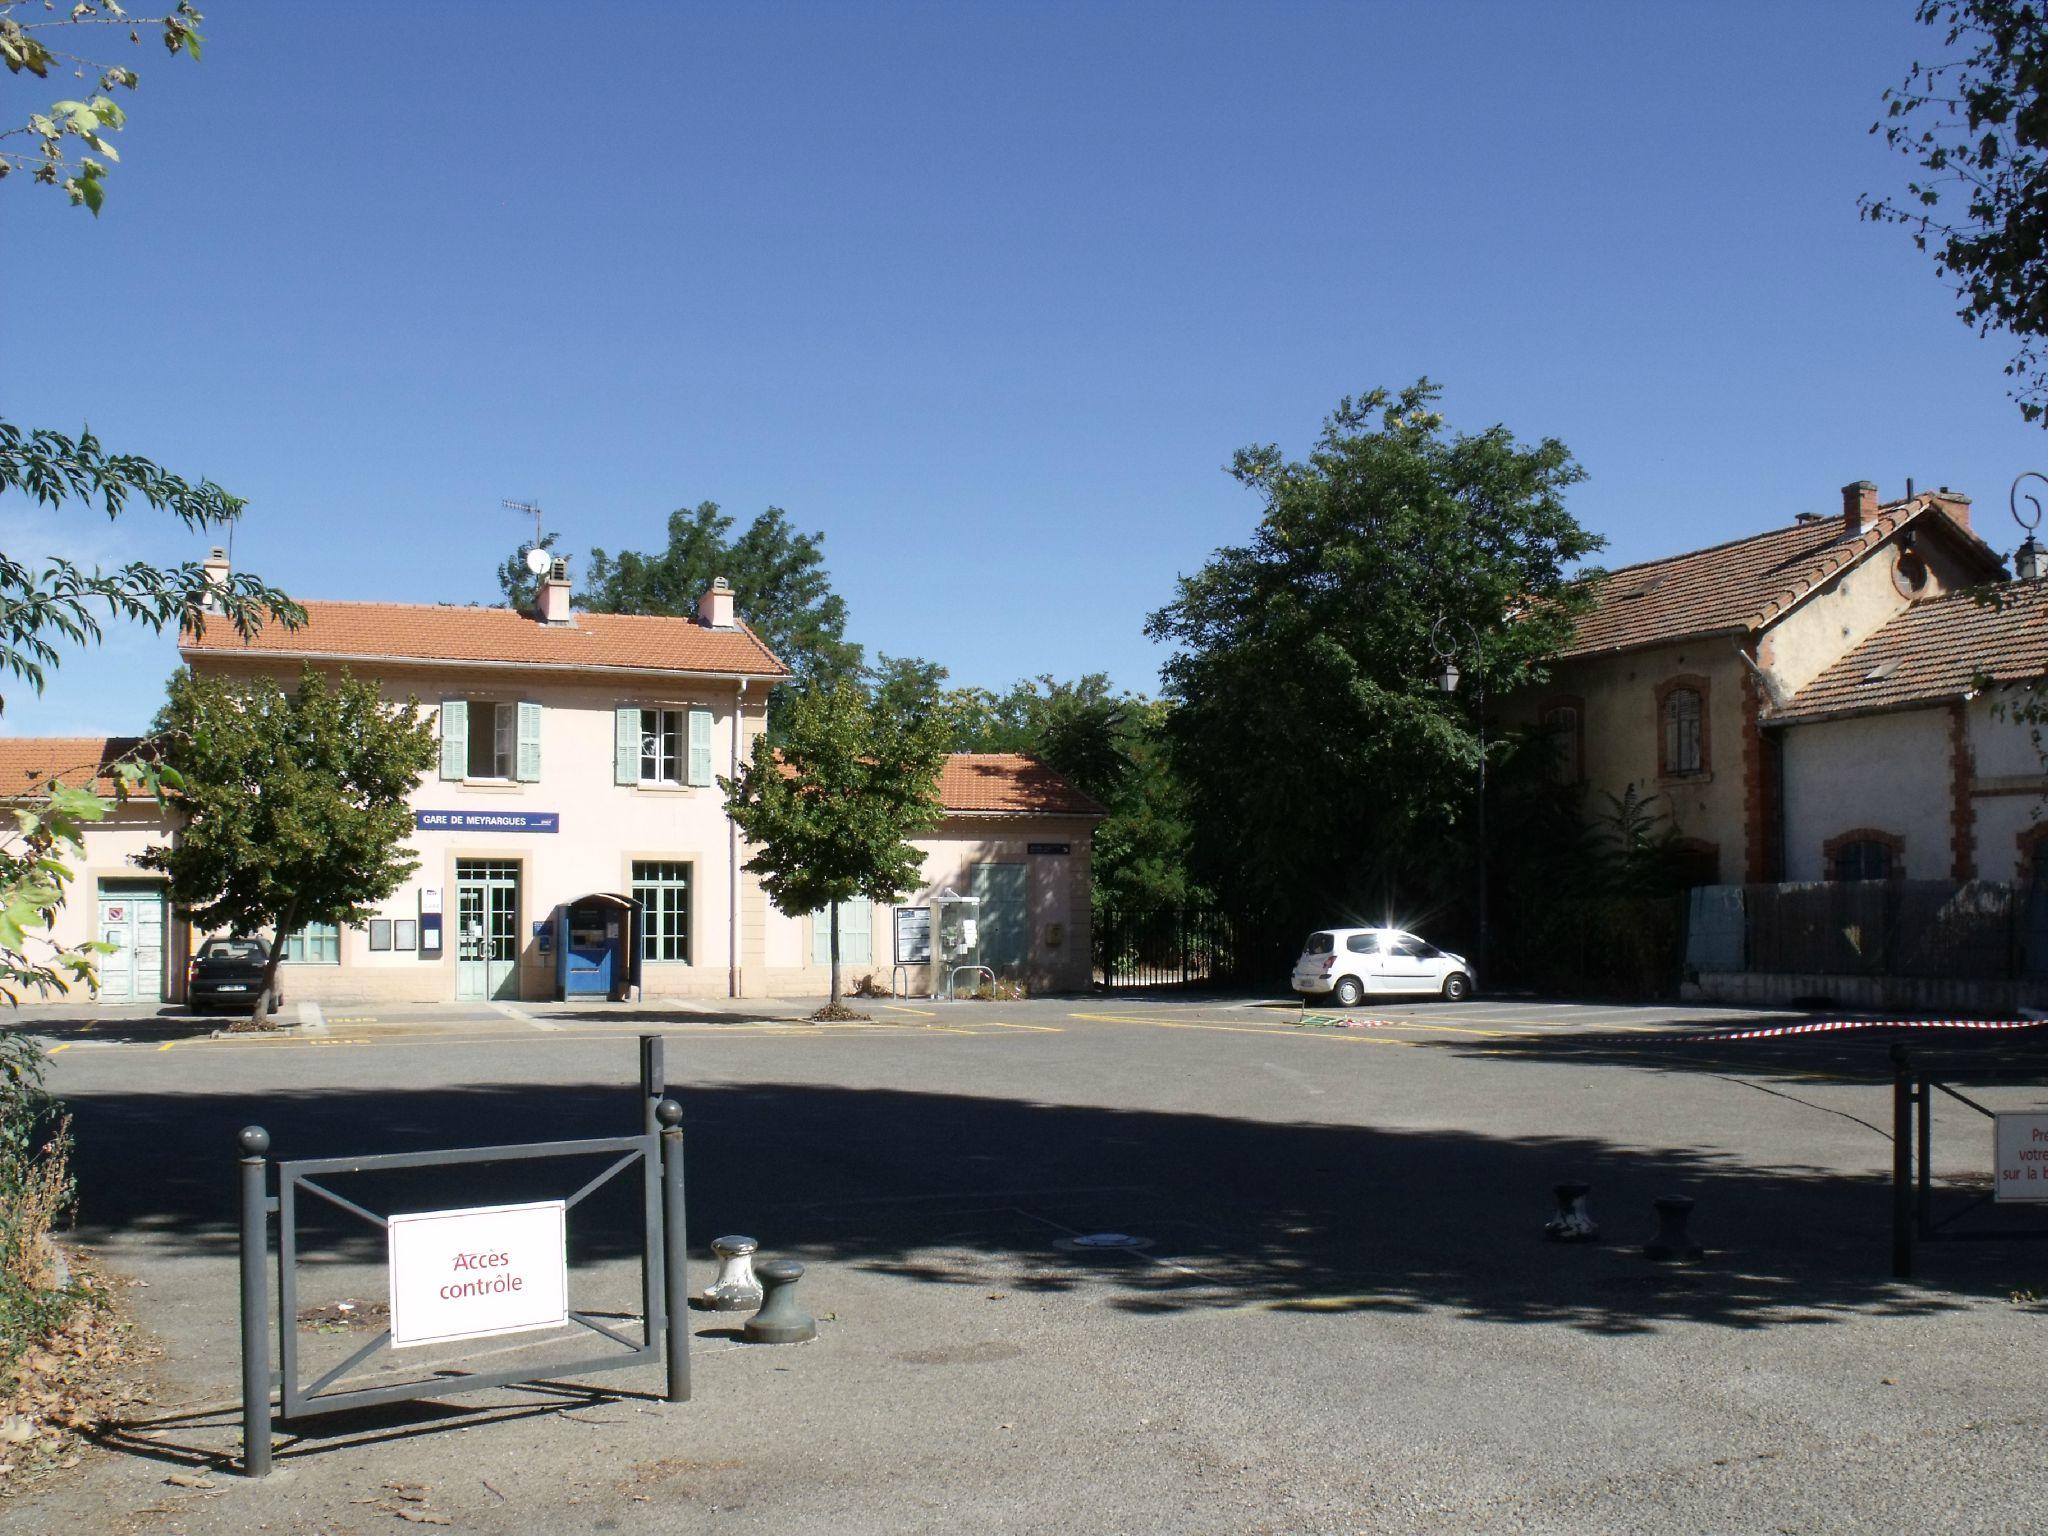 Meyrargues gare PLM + gare de la ligne à voie métrique des Chemins de Fer de Provence Meyrargues (Bouches-du-Rhône)